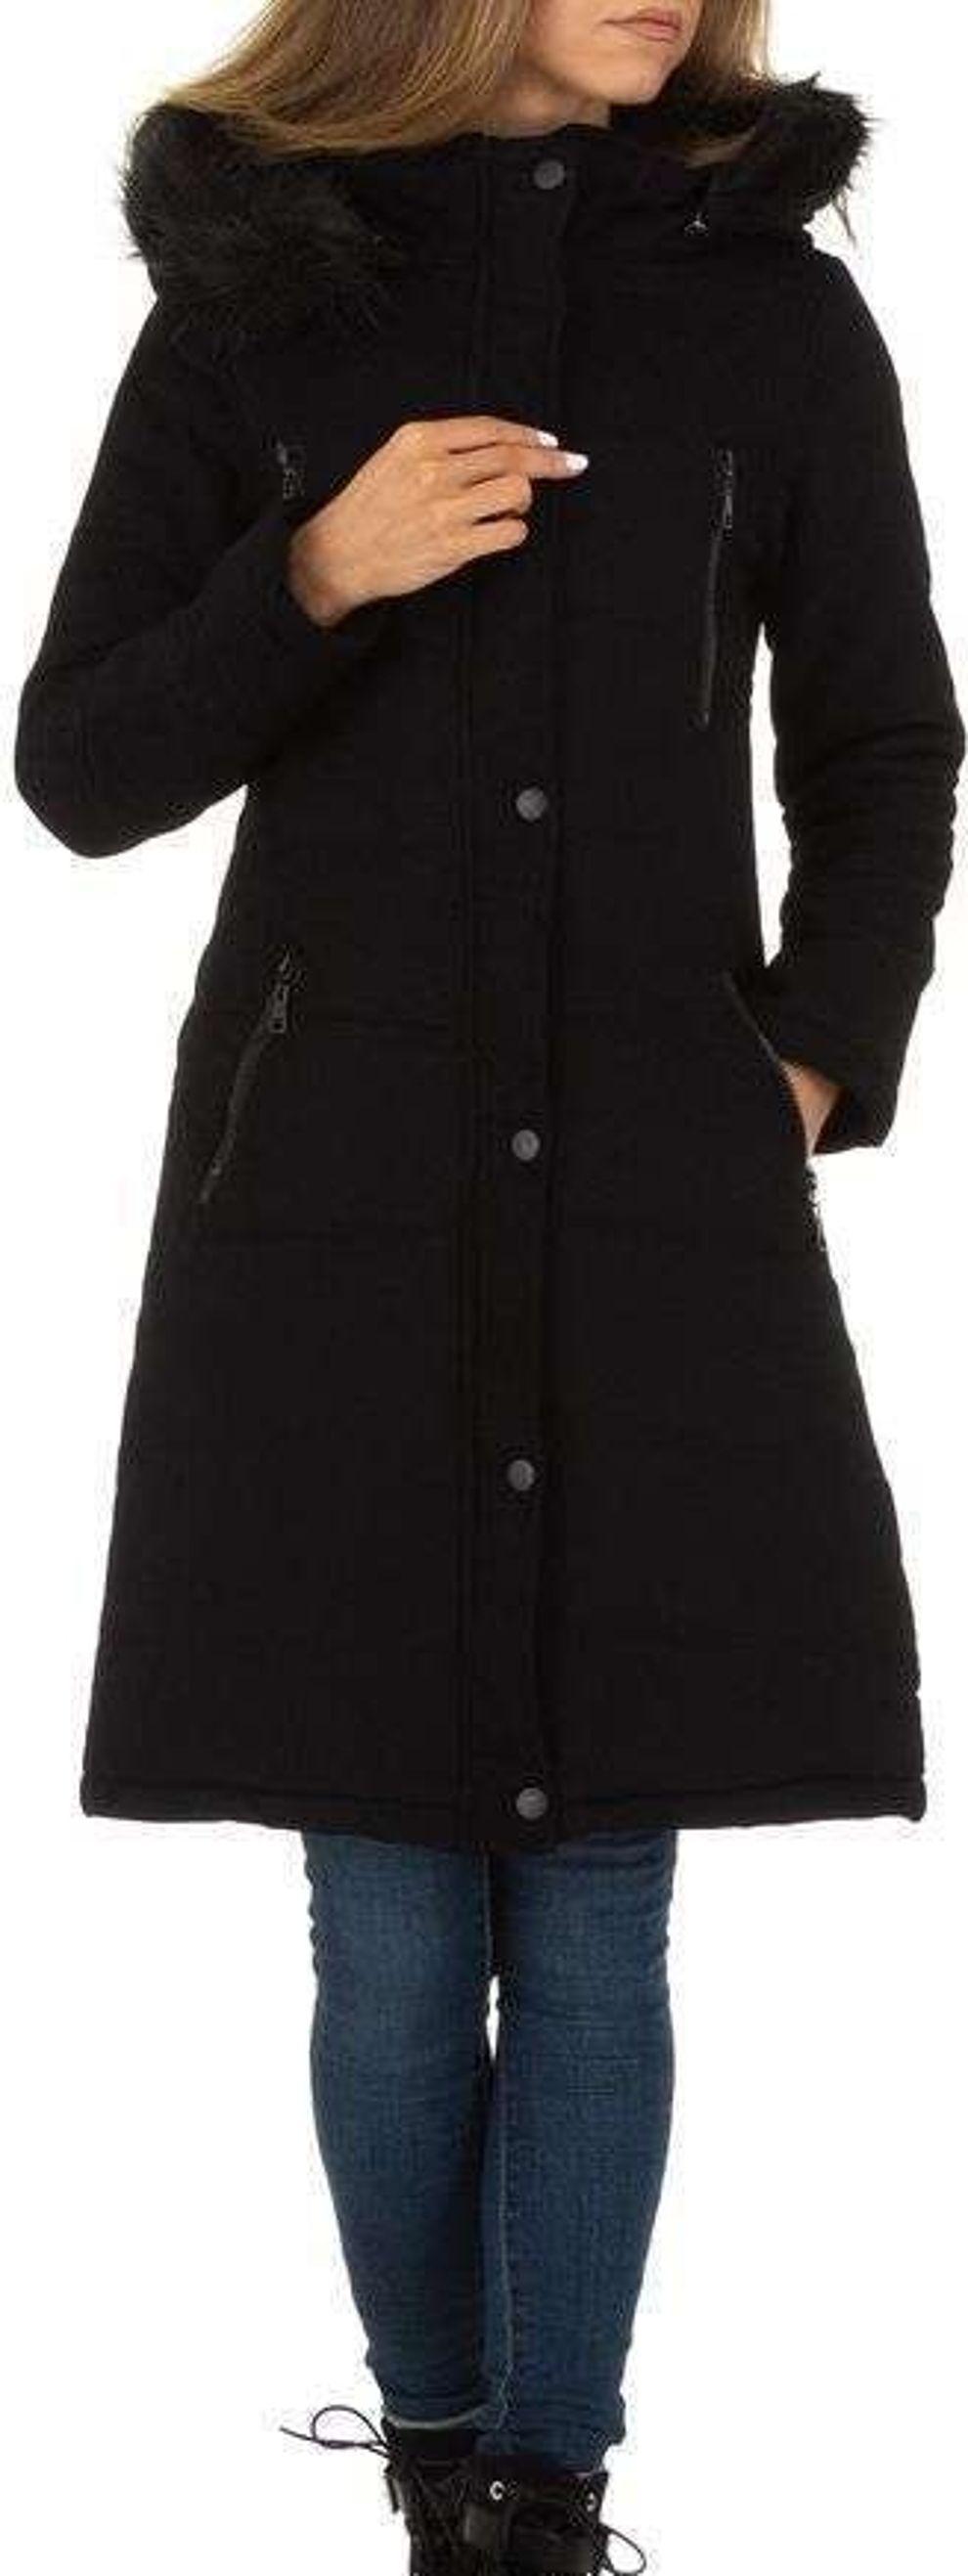 Dámska dlhá zimná bunda vel. S/36